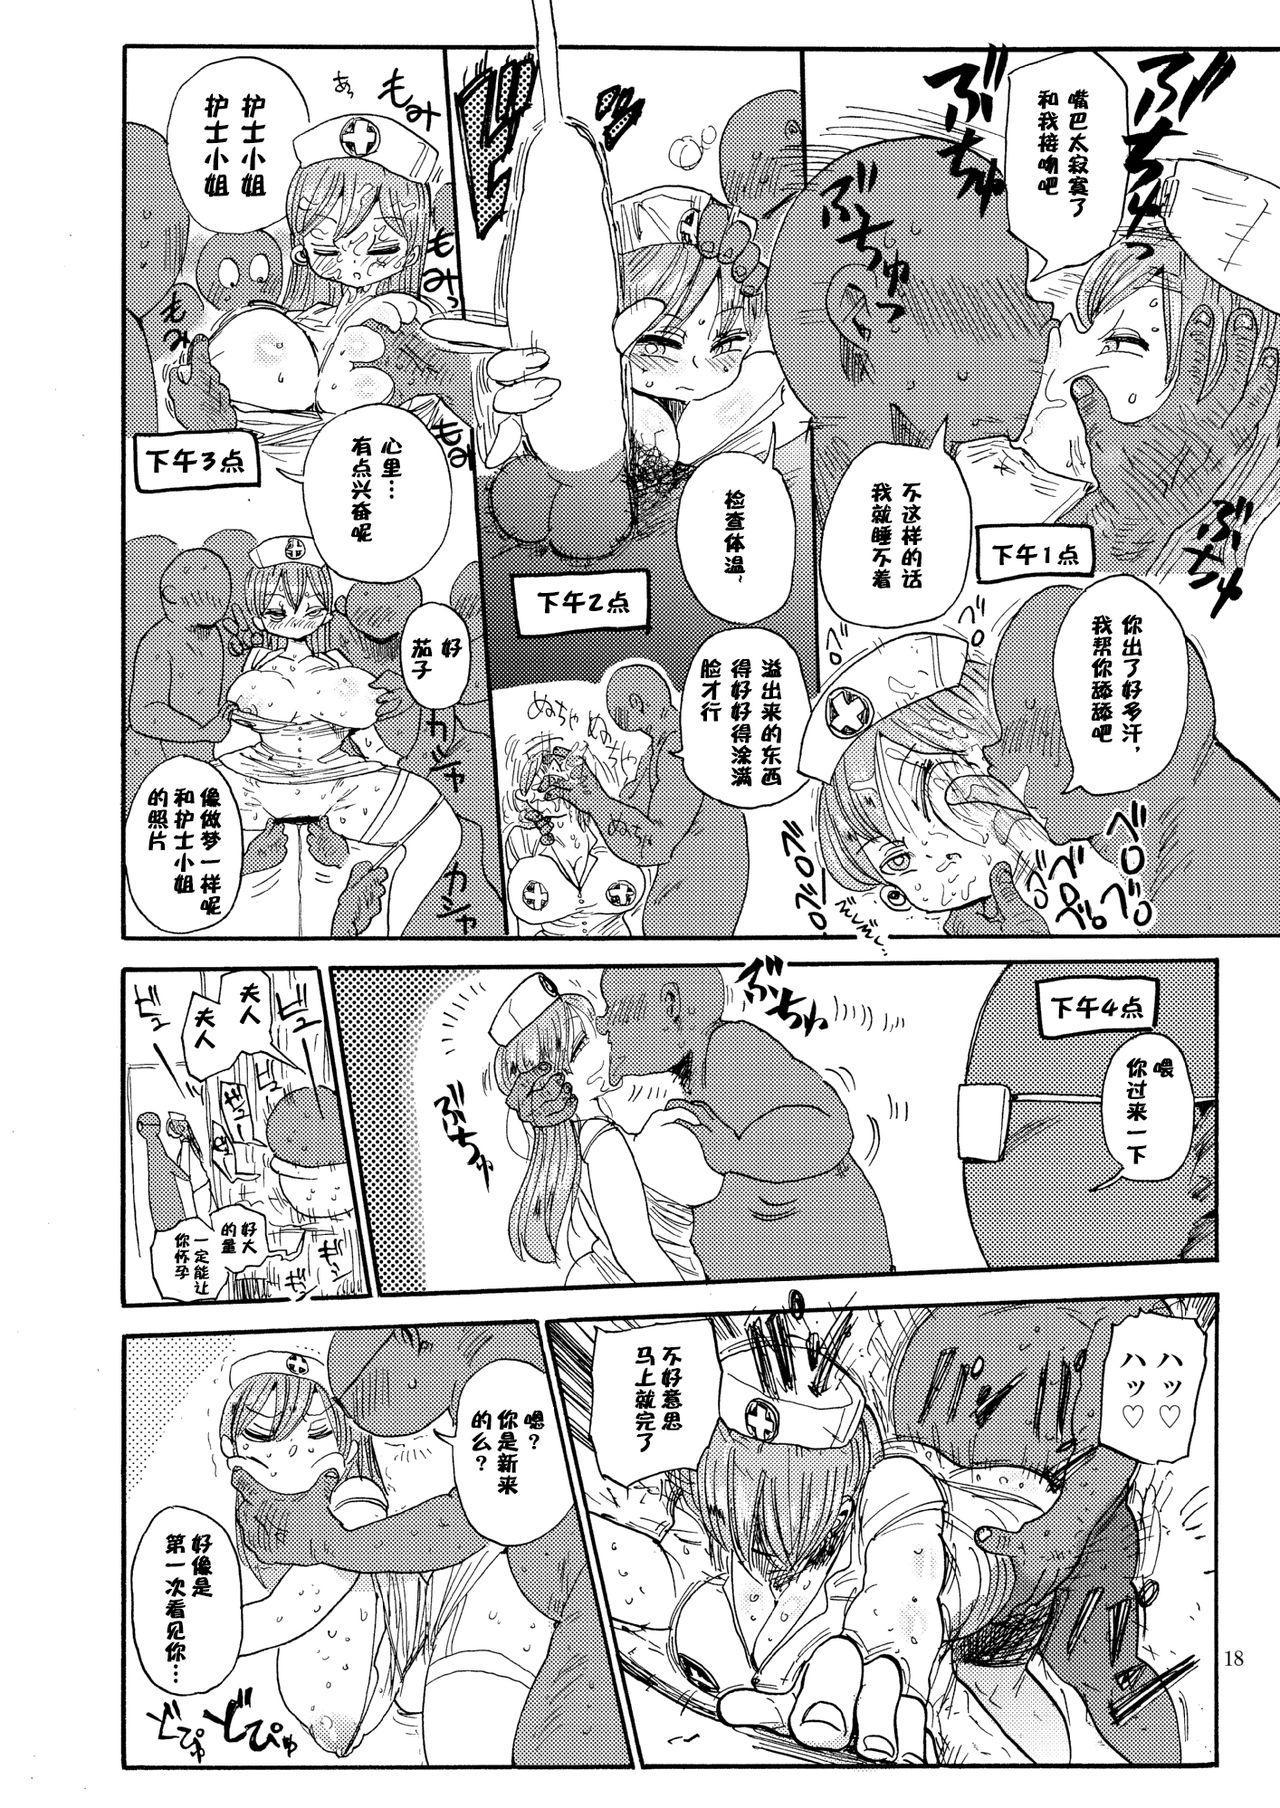 Nandemo Chousa Shoujo no Doujinshi ga Deta? Wakarimashita Chousa Shimasu 17